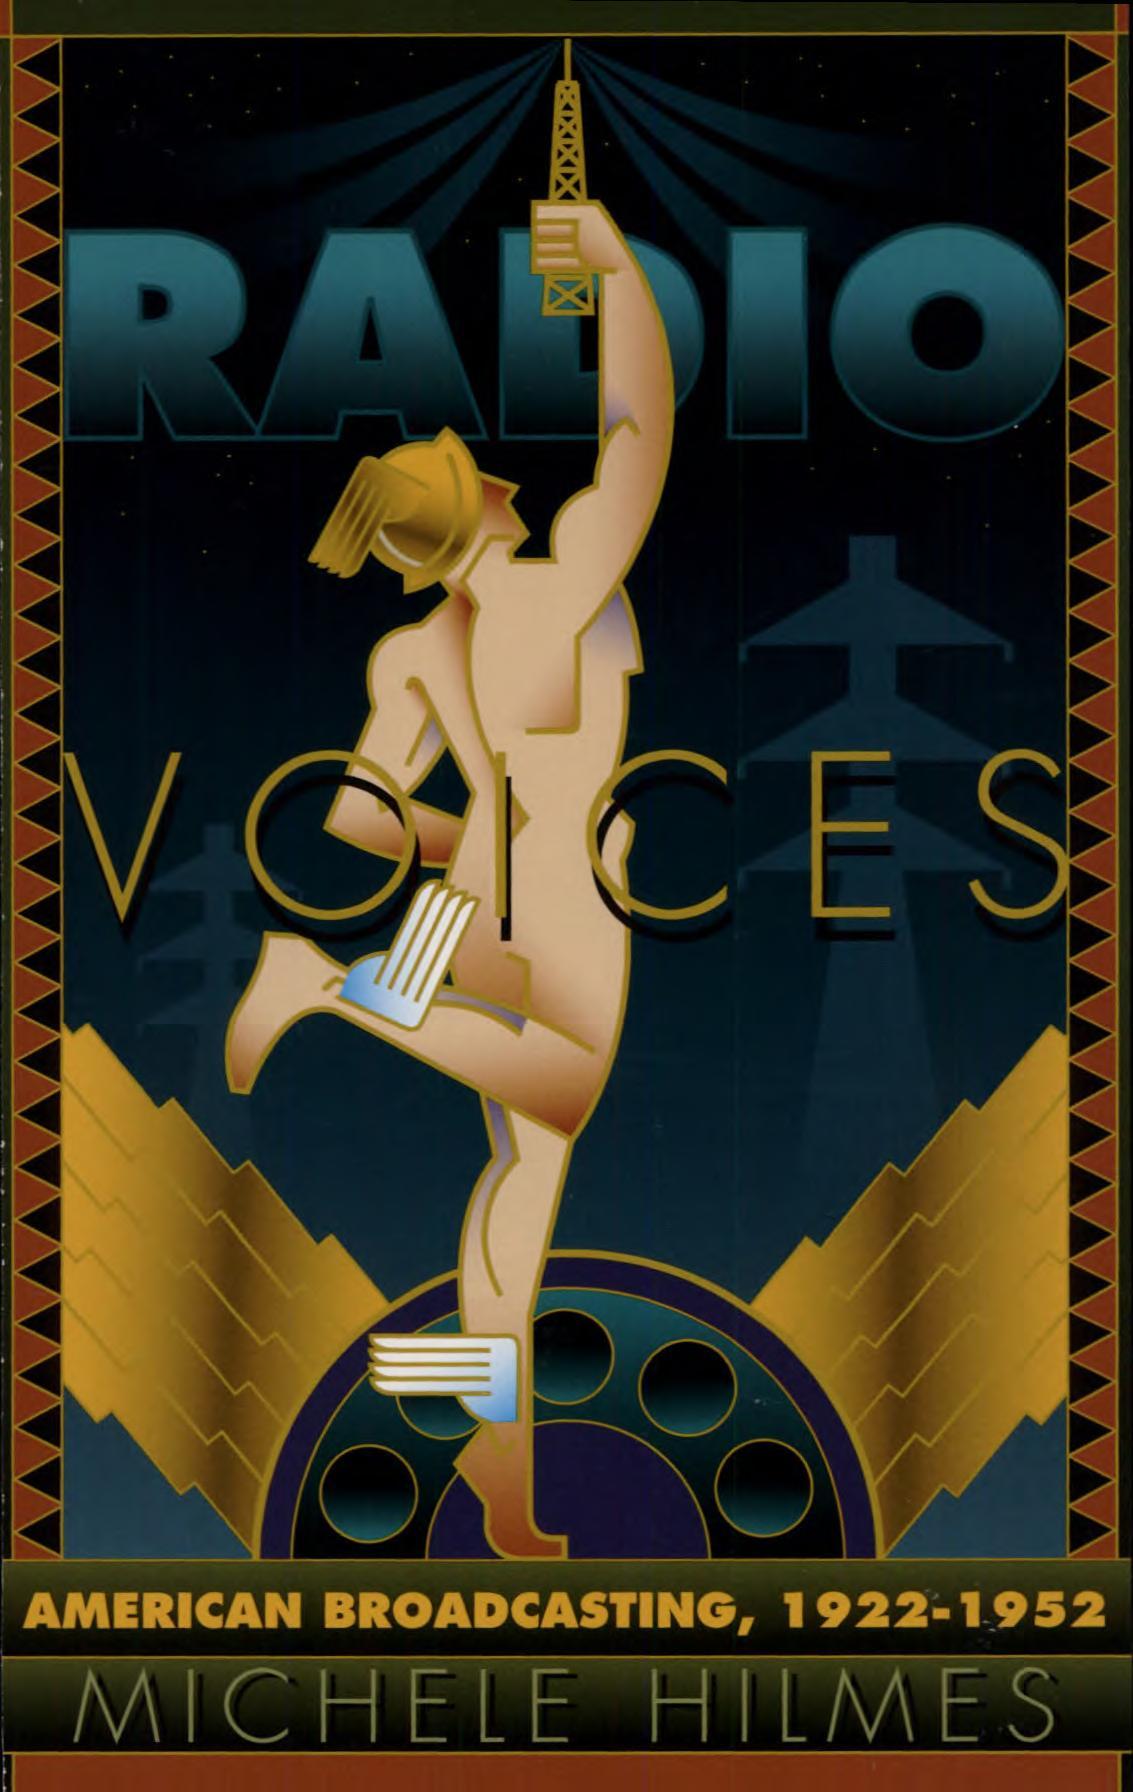 Radio Voices